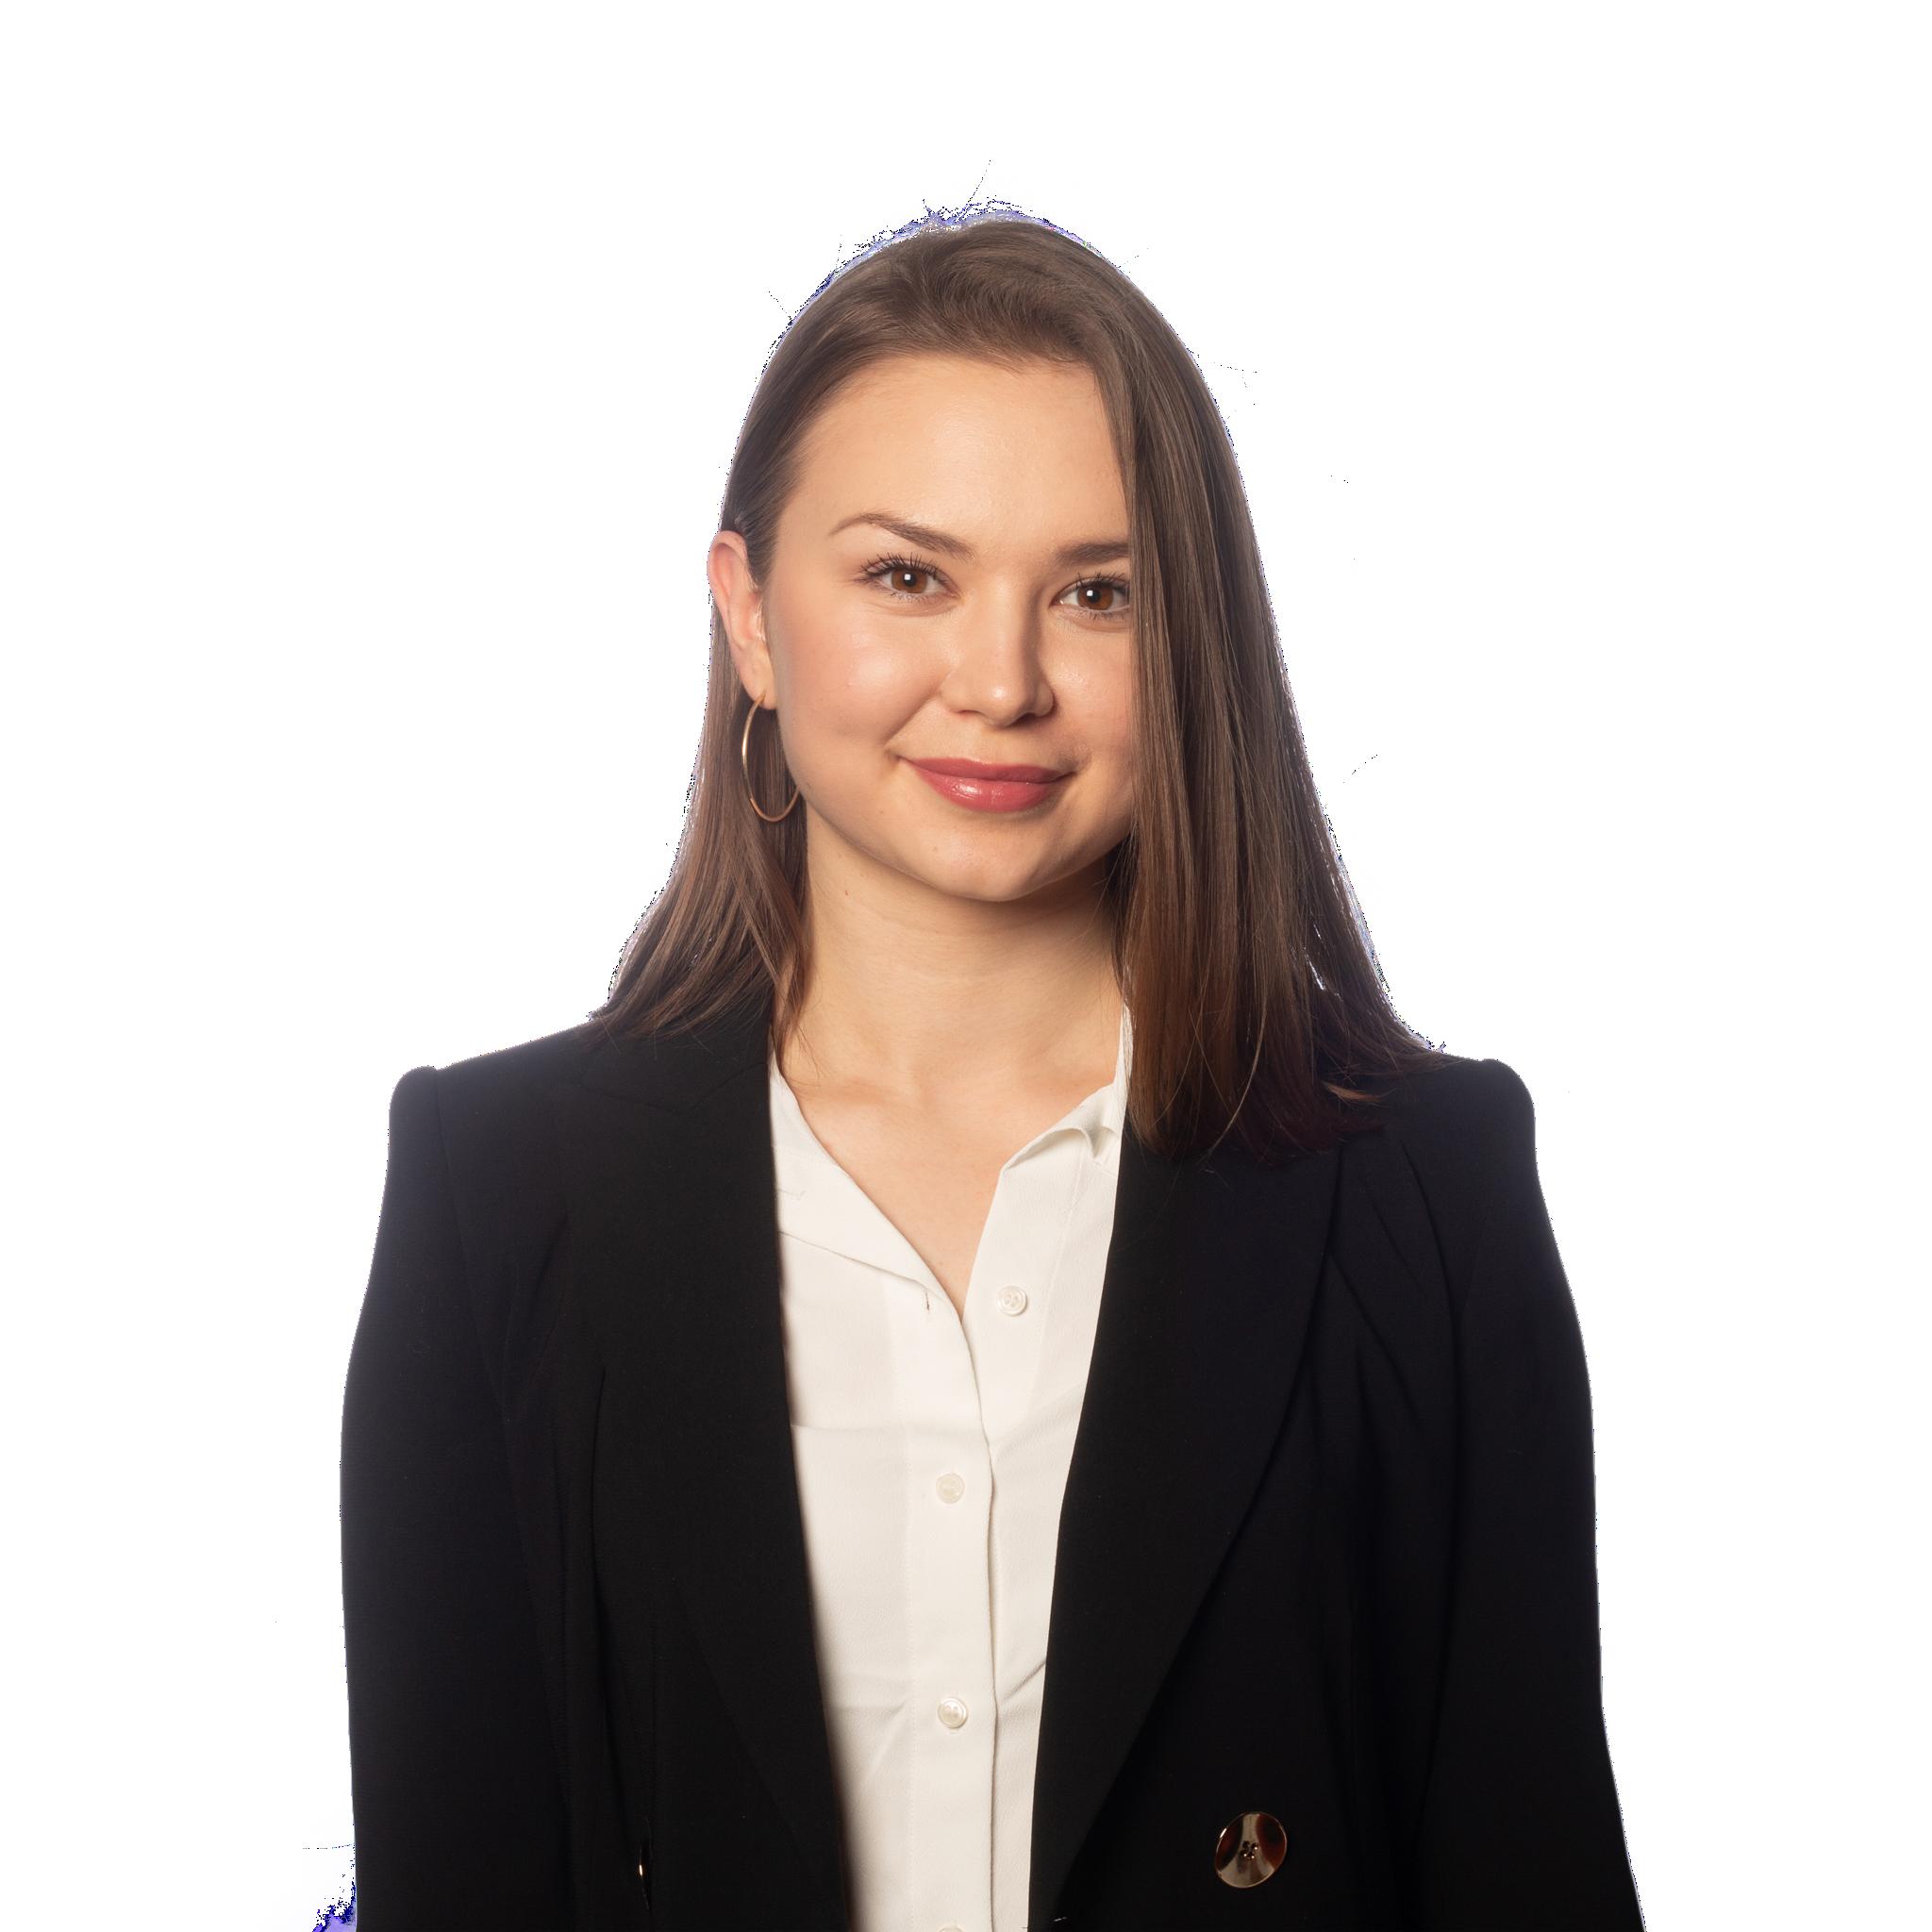 Elisa Salonen